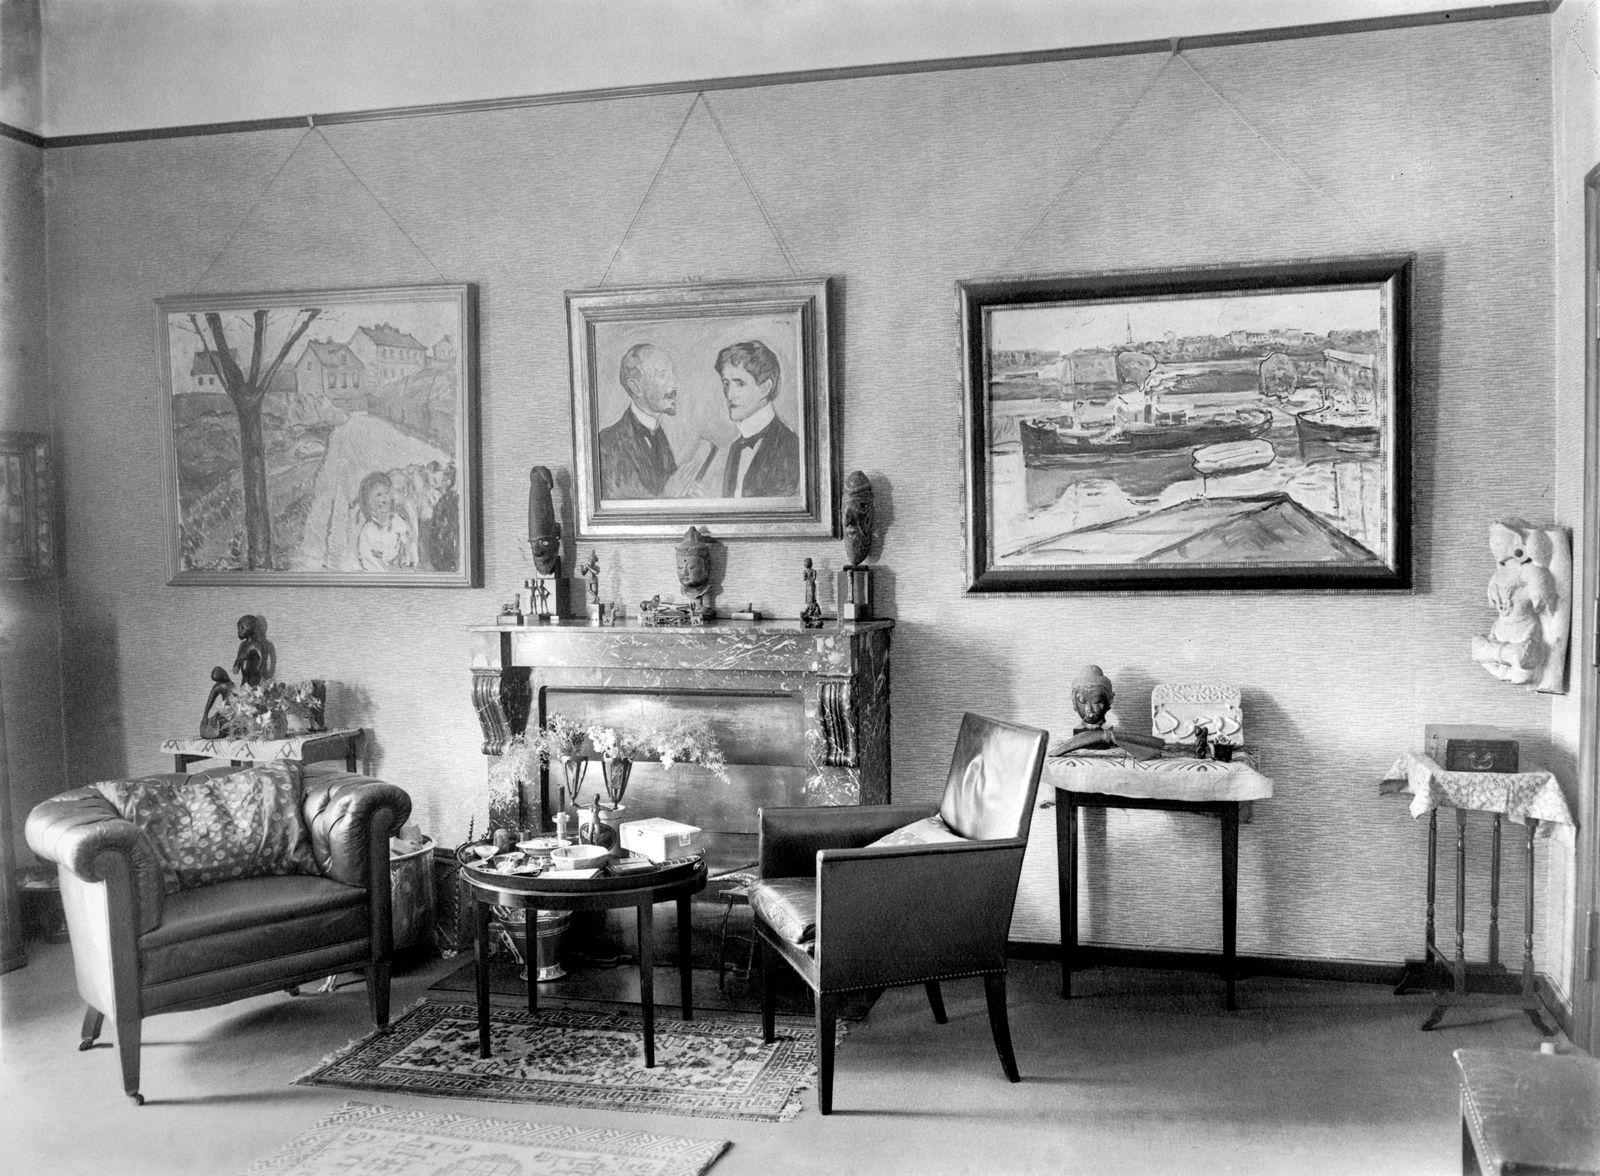 -Arbeitszimmer mit Gemälden von Edvard Munch, Wohnung Curt und Elsa Glaser, Prinz-Albrecht-Straße 8. Ca. 1930. Landesarchiv Berlin / Fotografin: Marta Huth